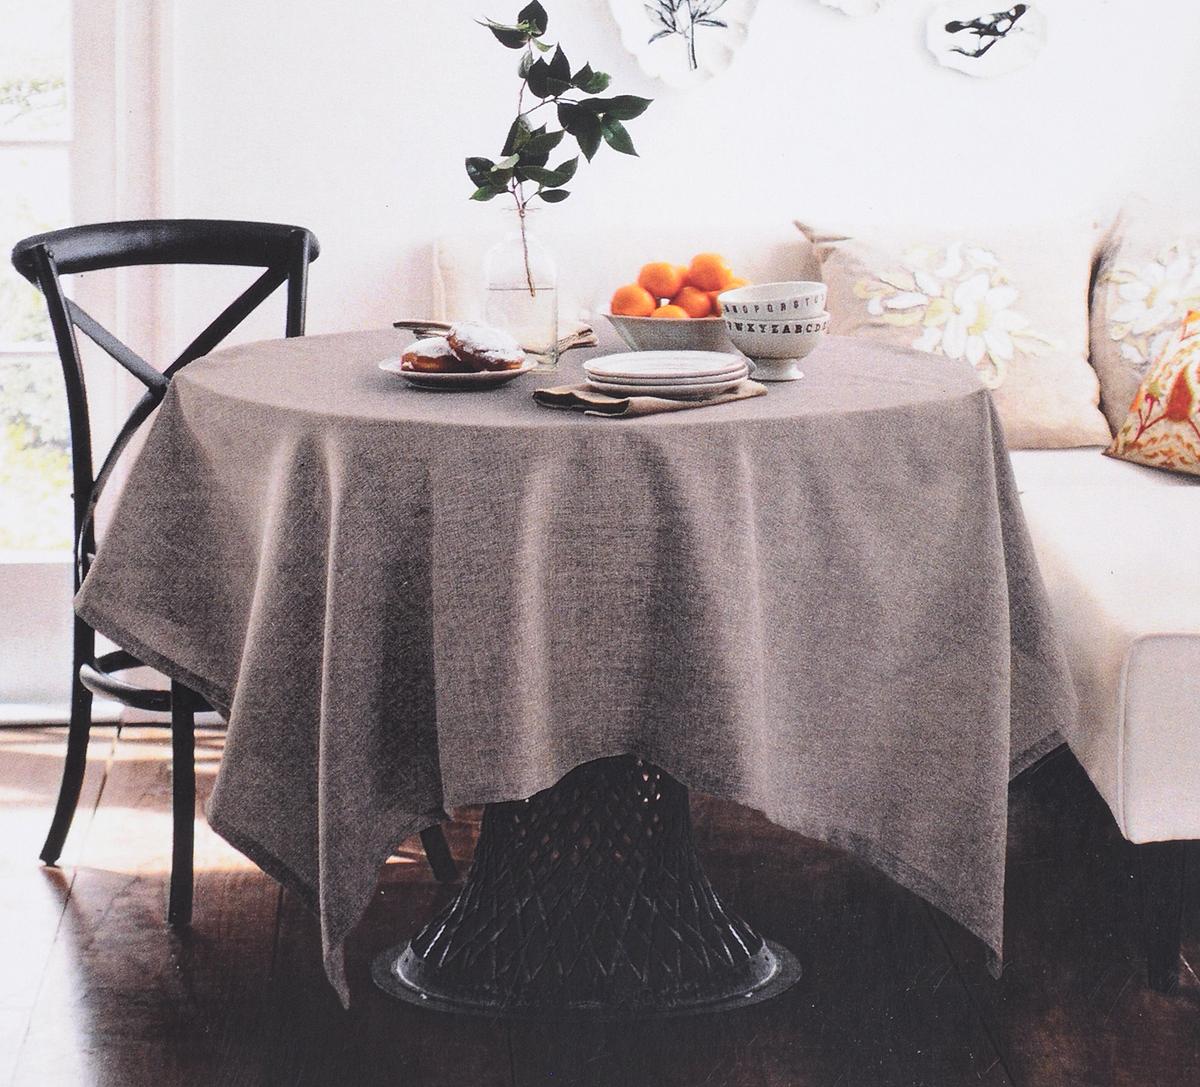 Скатерть Волшебная Ночь Какао, 729392, светло-коричневый, 165 х 200 см